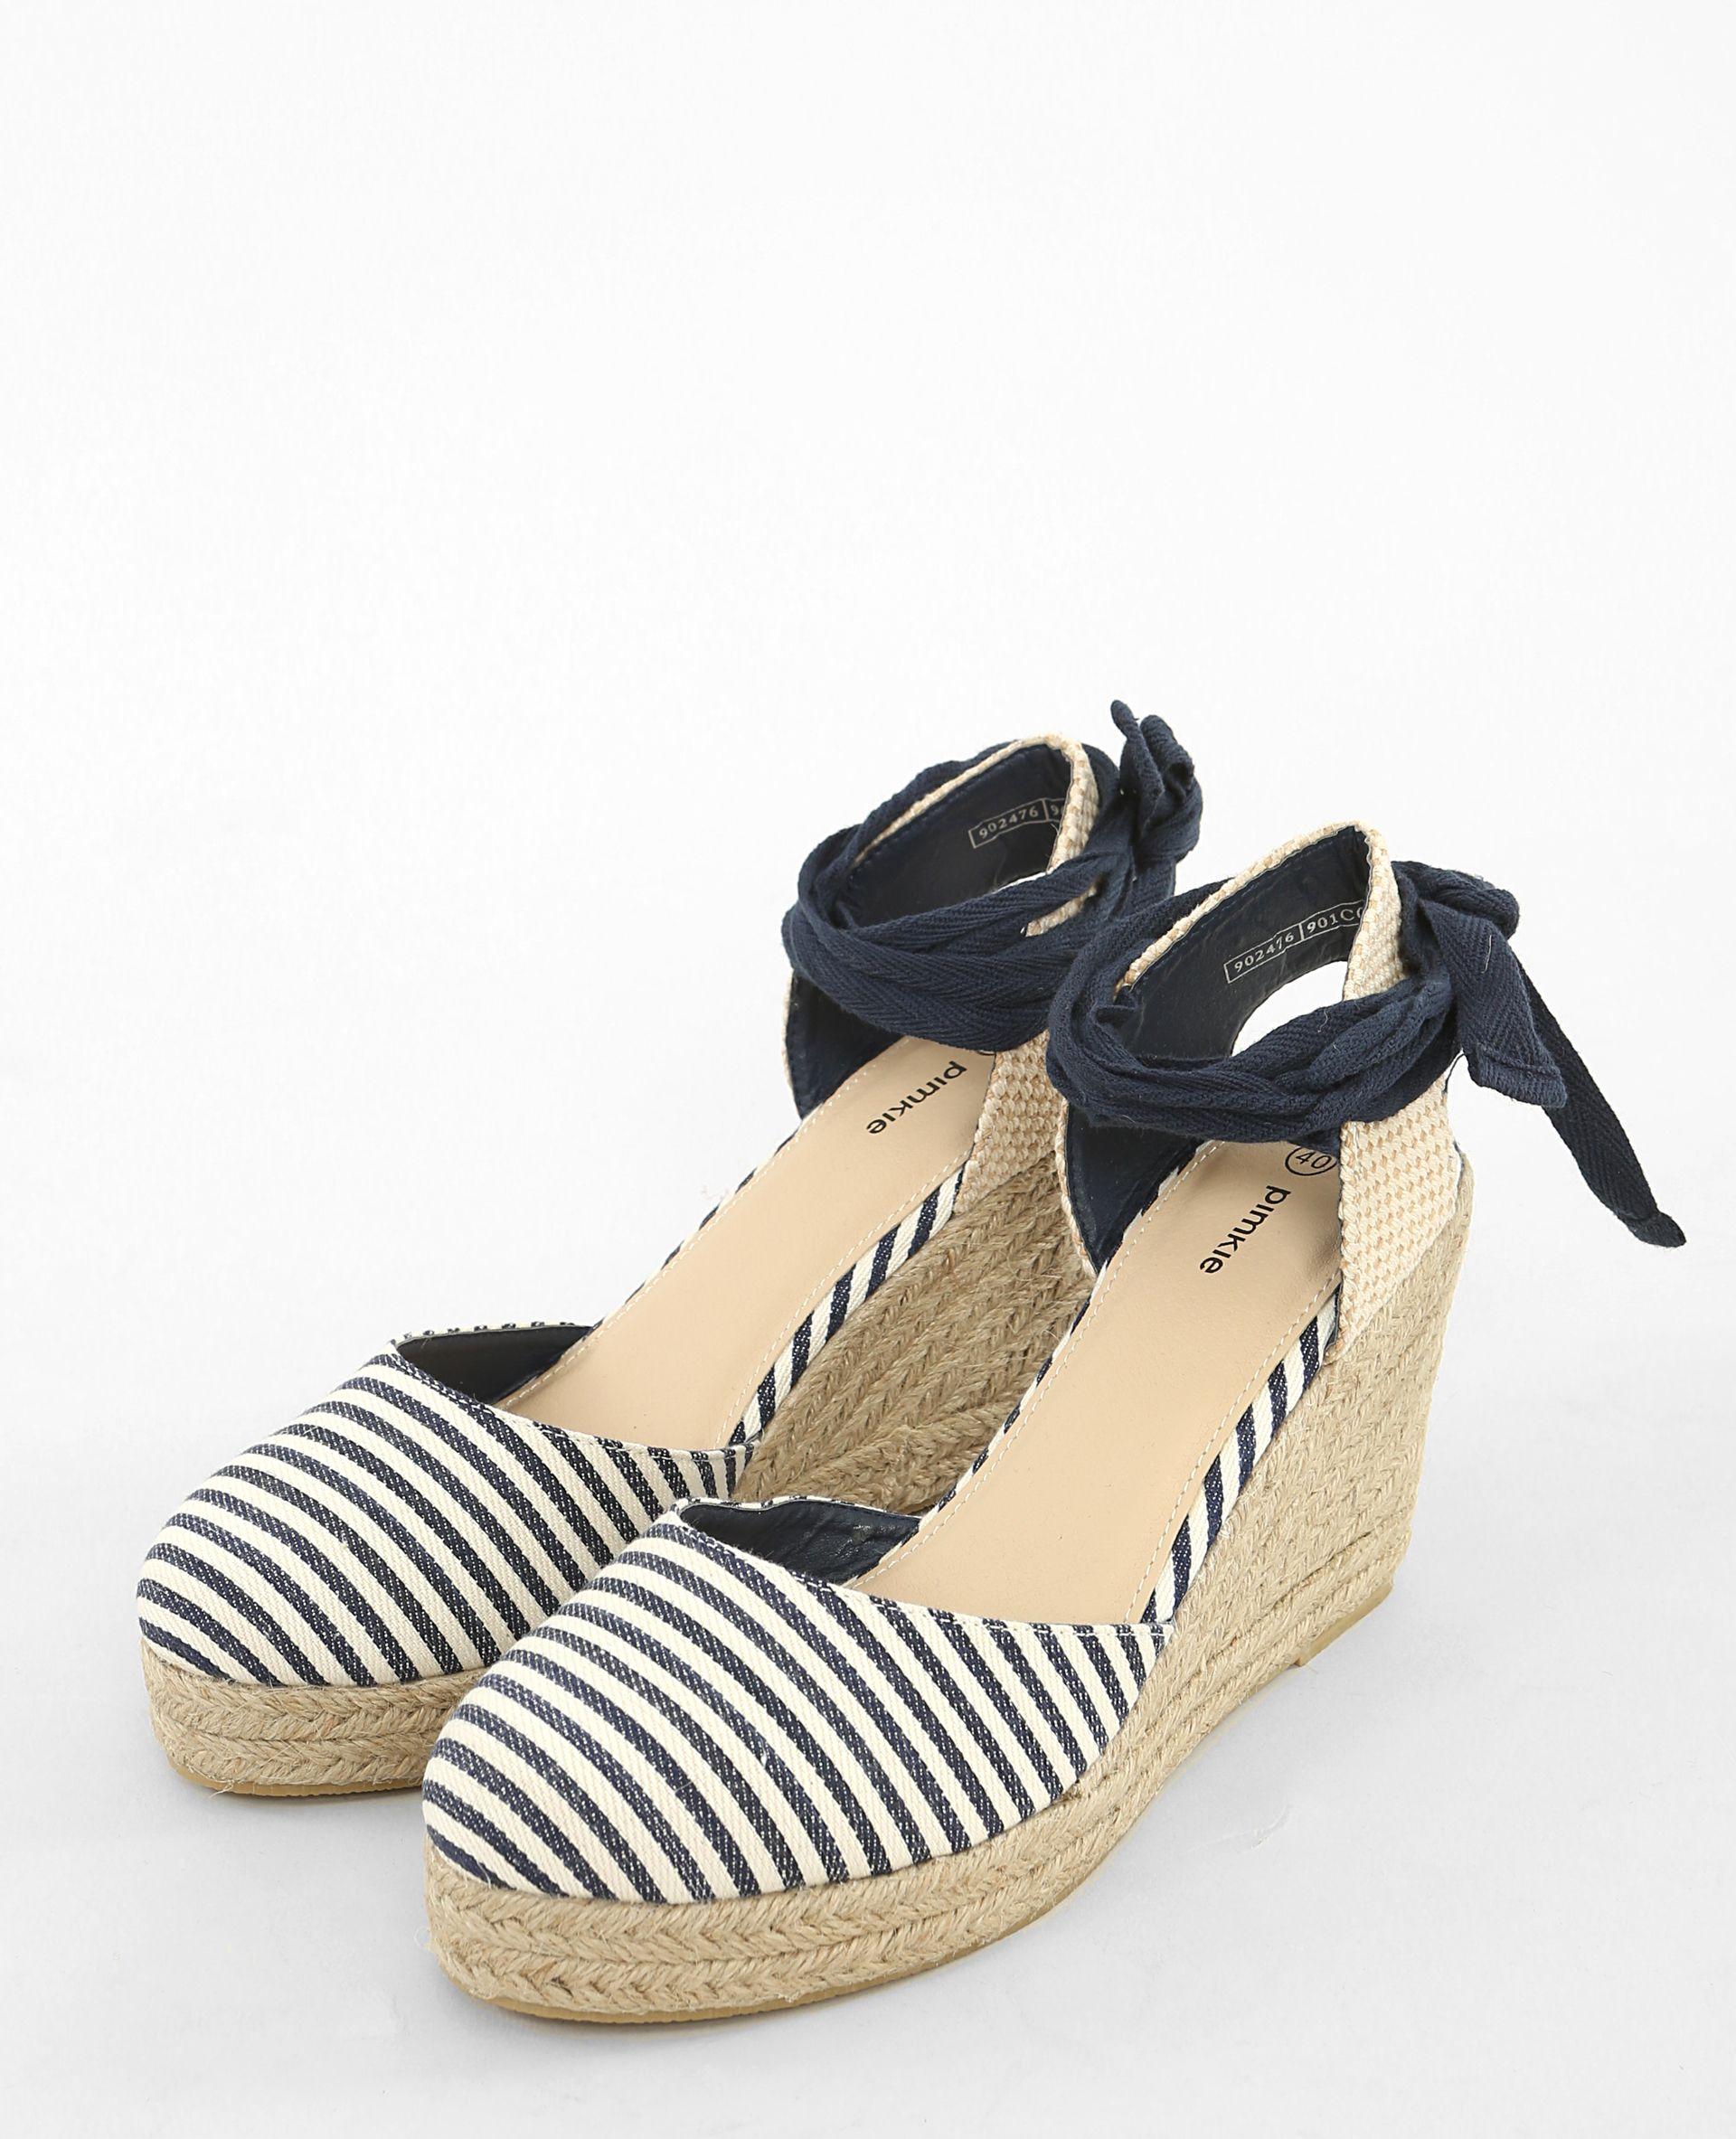 scarpe sportive 53304 31026 Espadrillas con zeppa | Moda Estate nel 2019 | Espadrillas ...